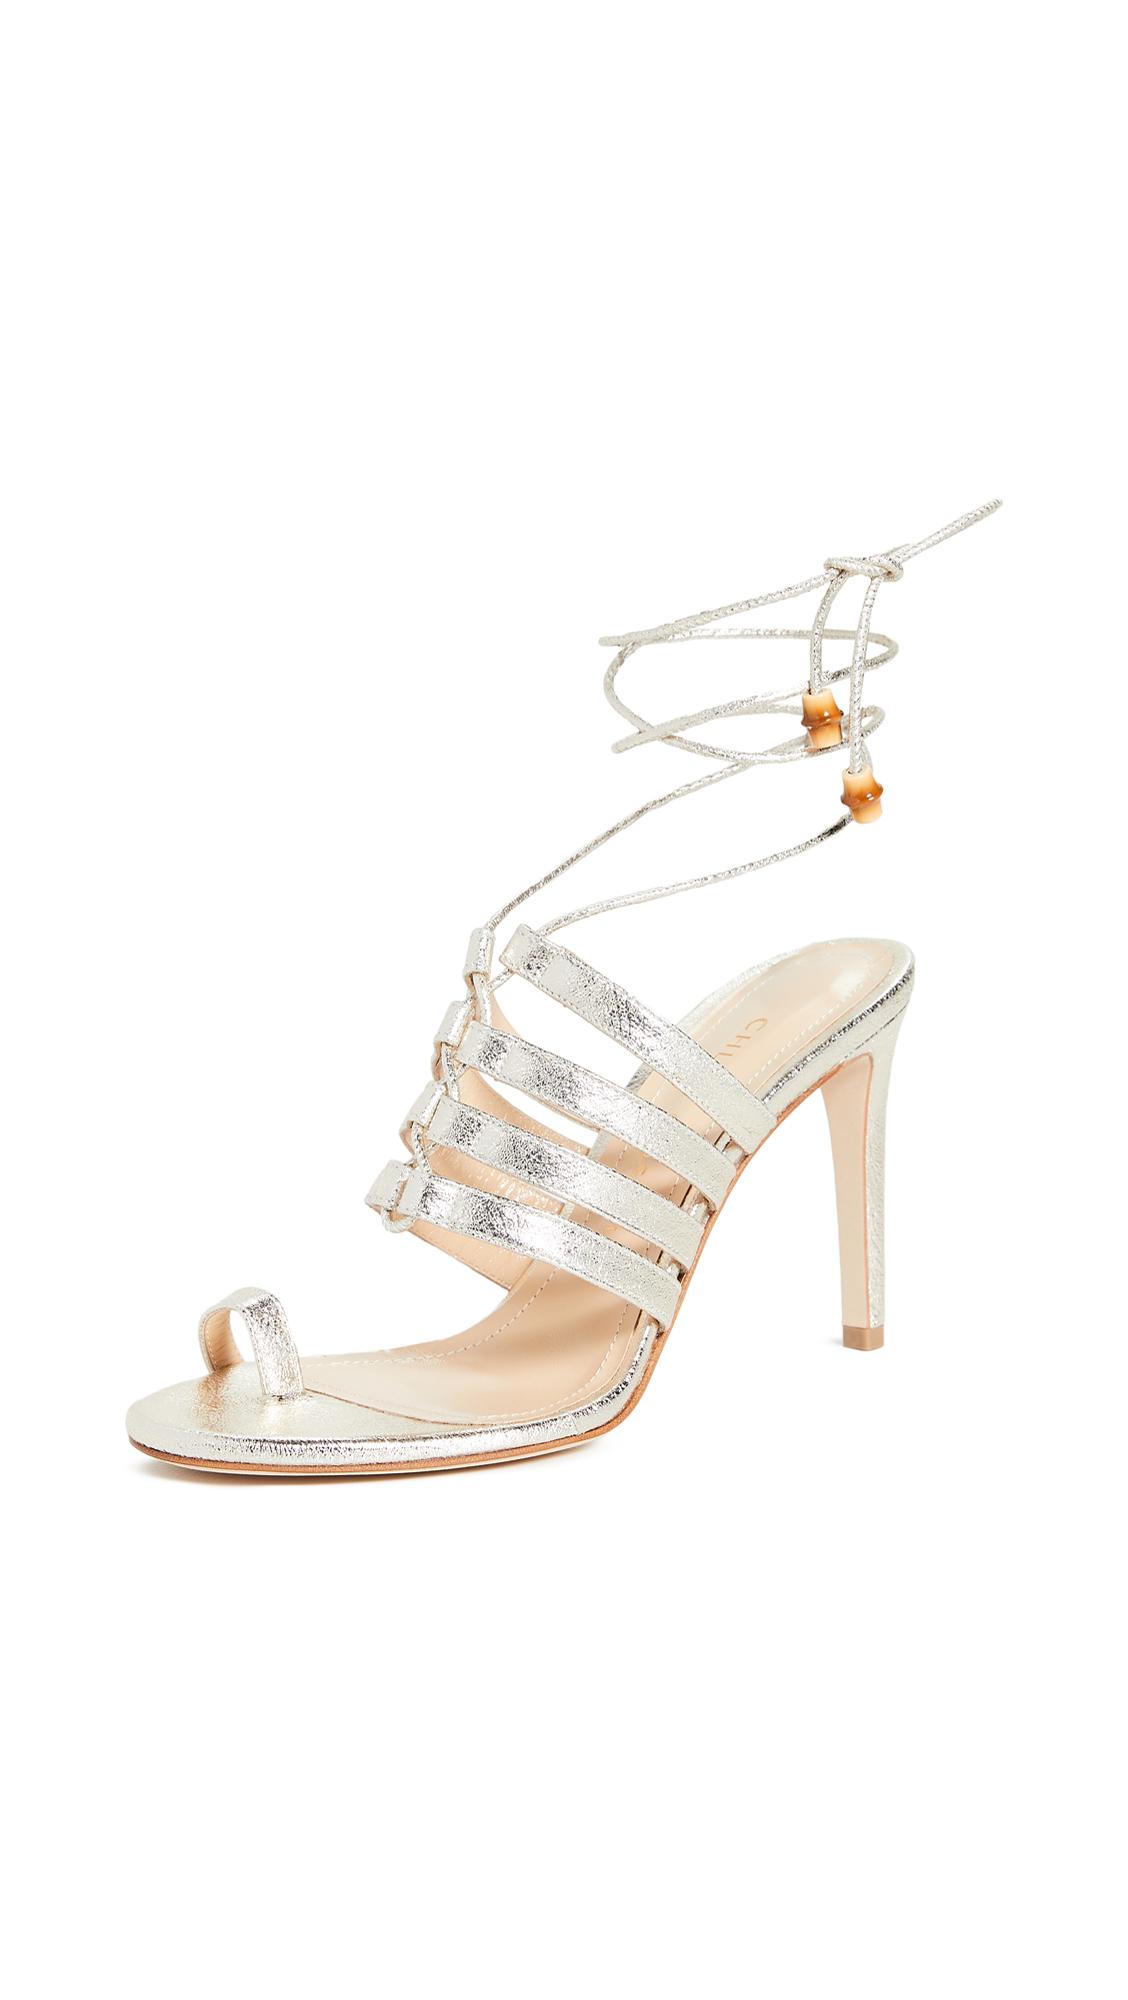 Buy Chloe Gosselin Karolina Multi Strap Sandals online, shop Chloe Gosselin